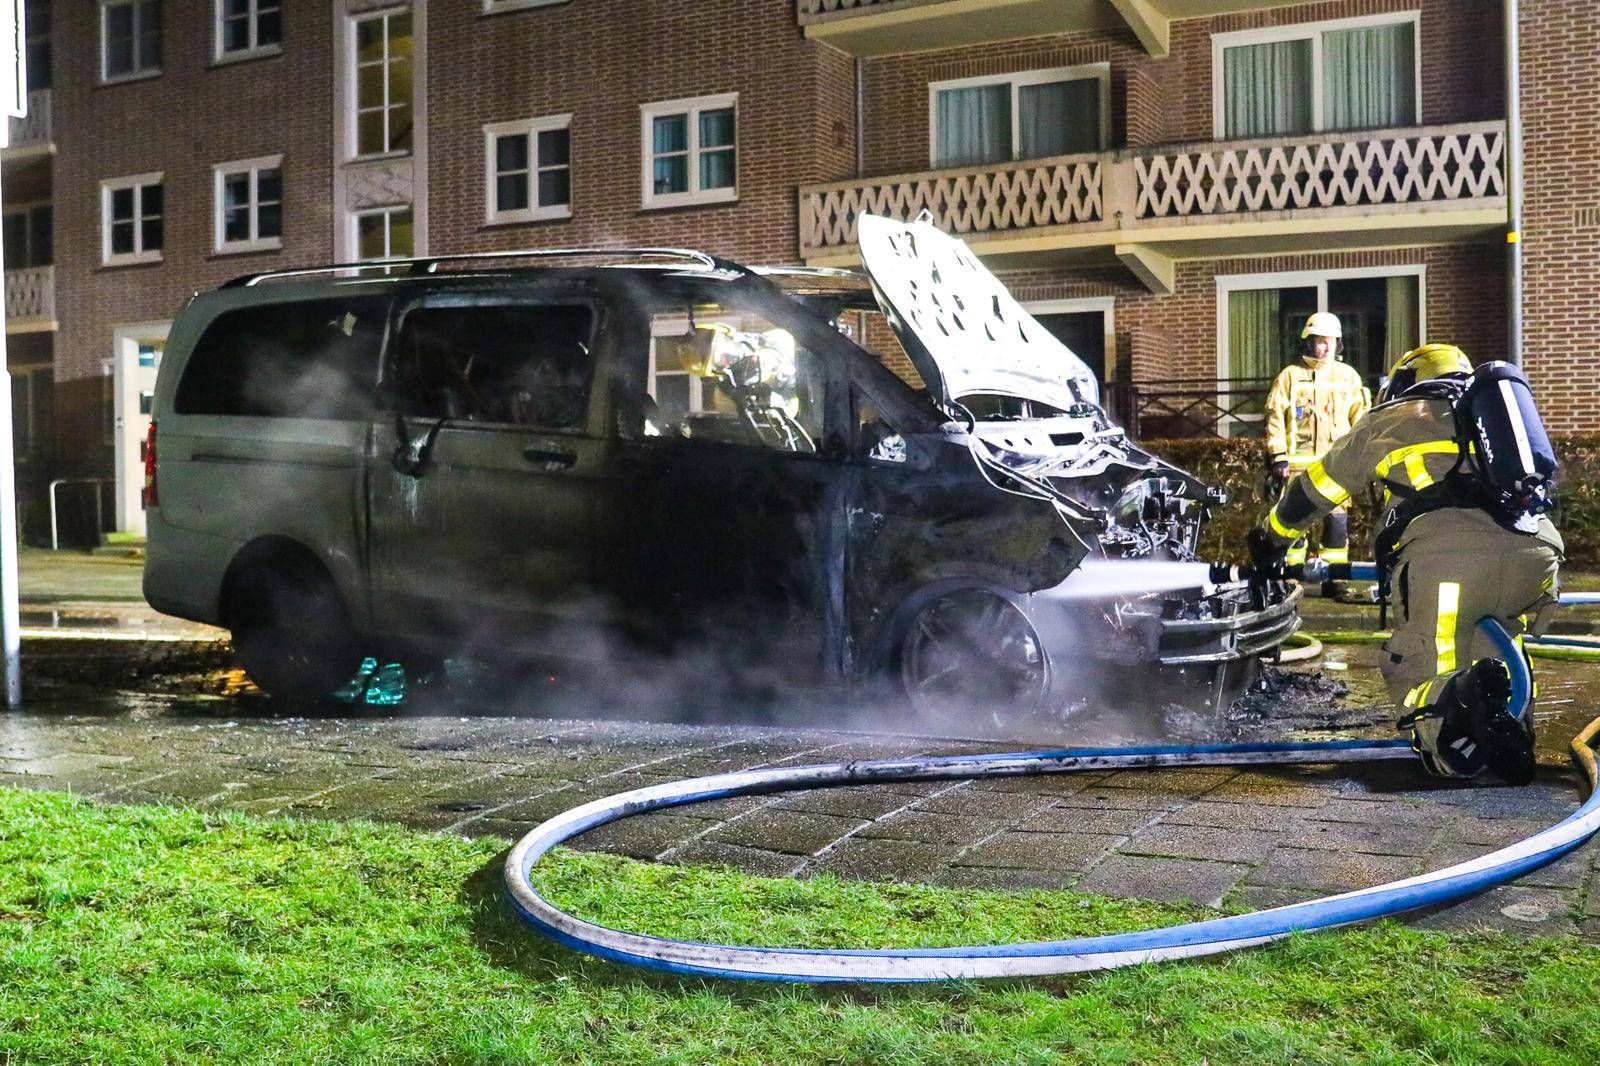 Bestelbus brandt volledig uit aan Sprengenparklaan in Apeldoorn